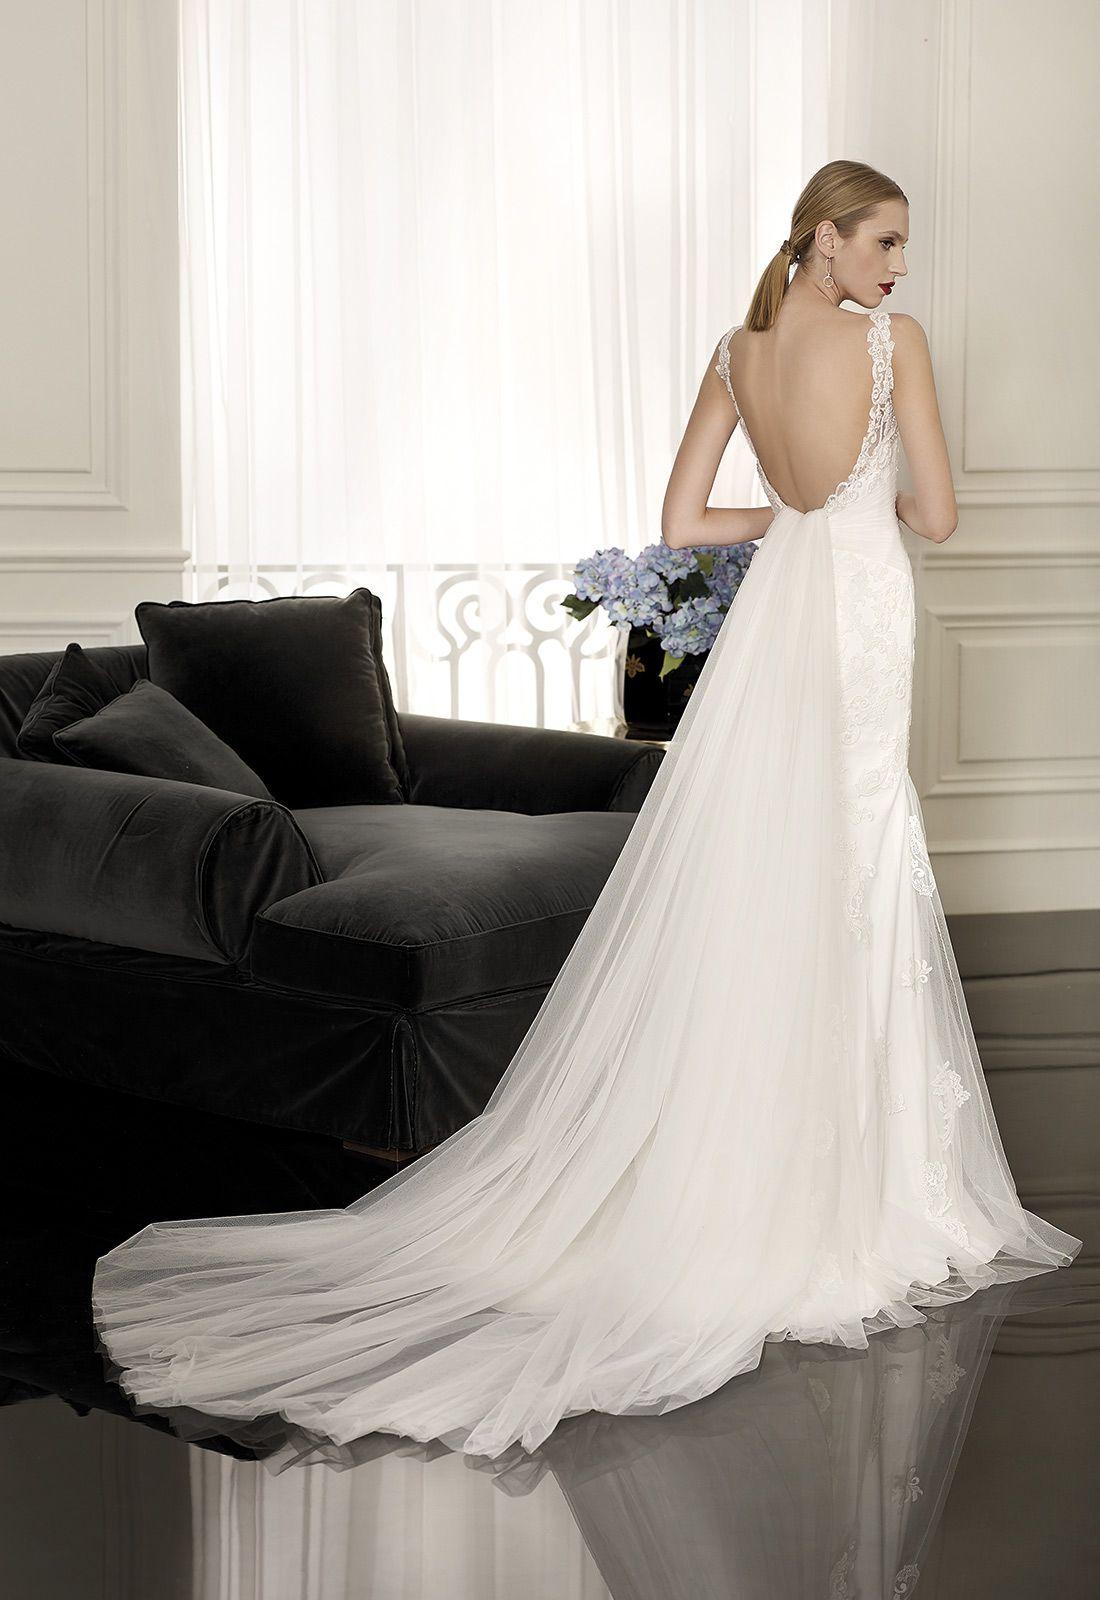 628110baf BOUGES Vestido de novia línea sirena con cola en tul de seda desmontable.  Realizado en